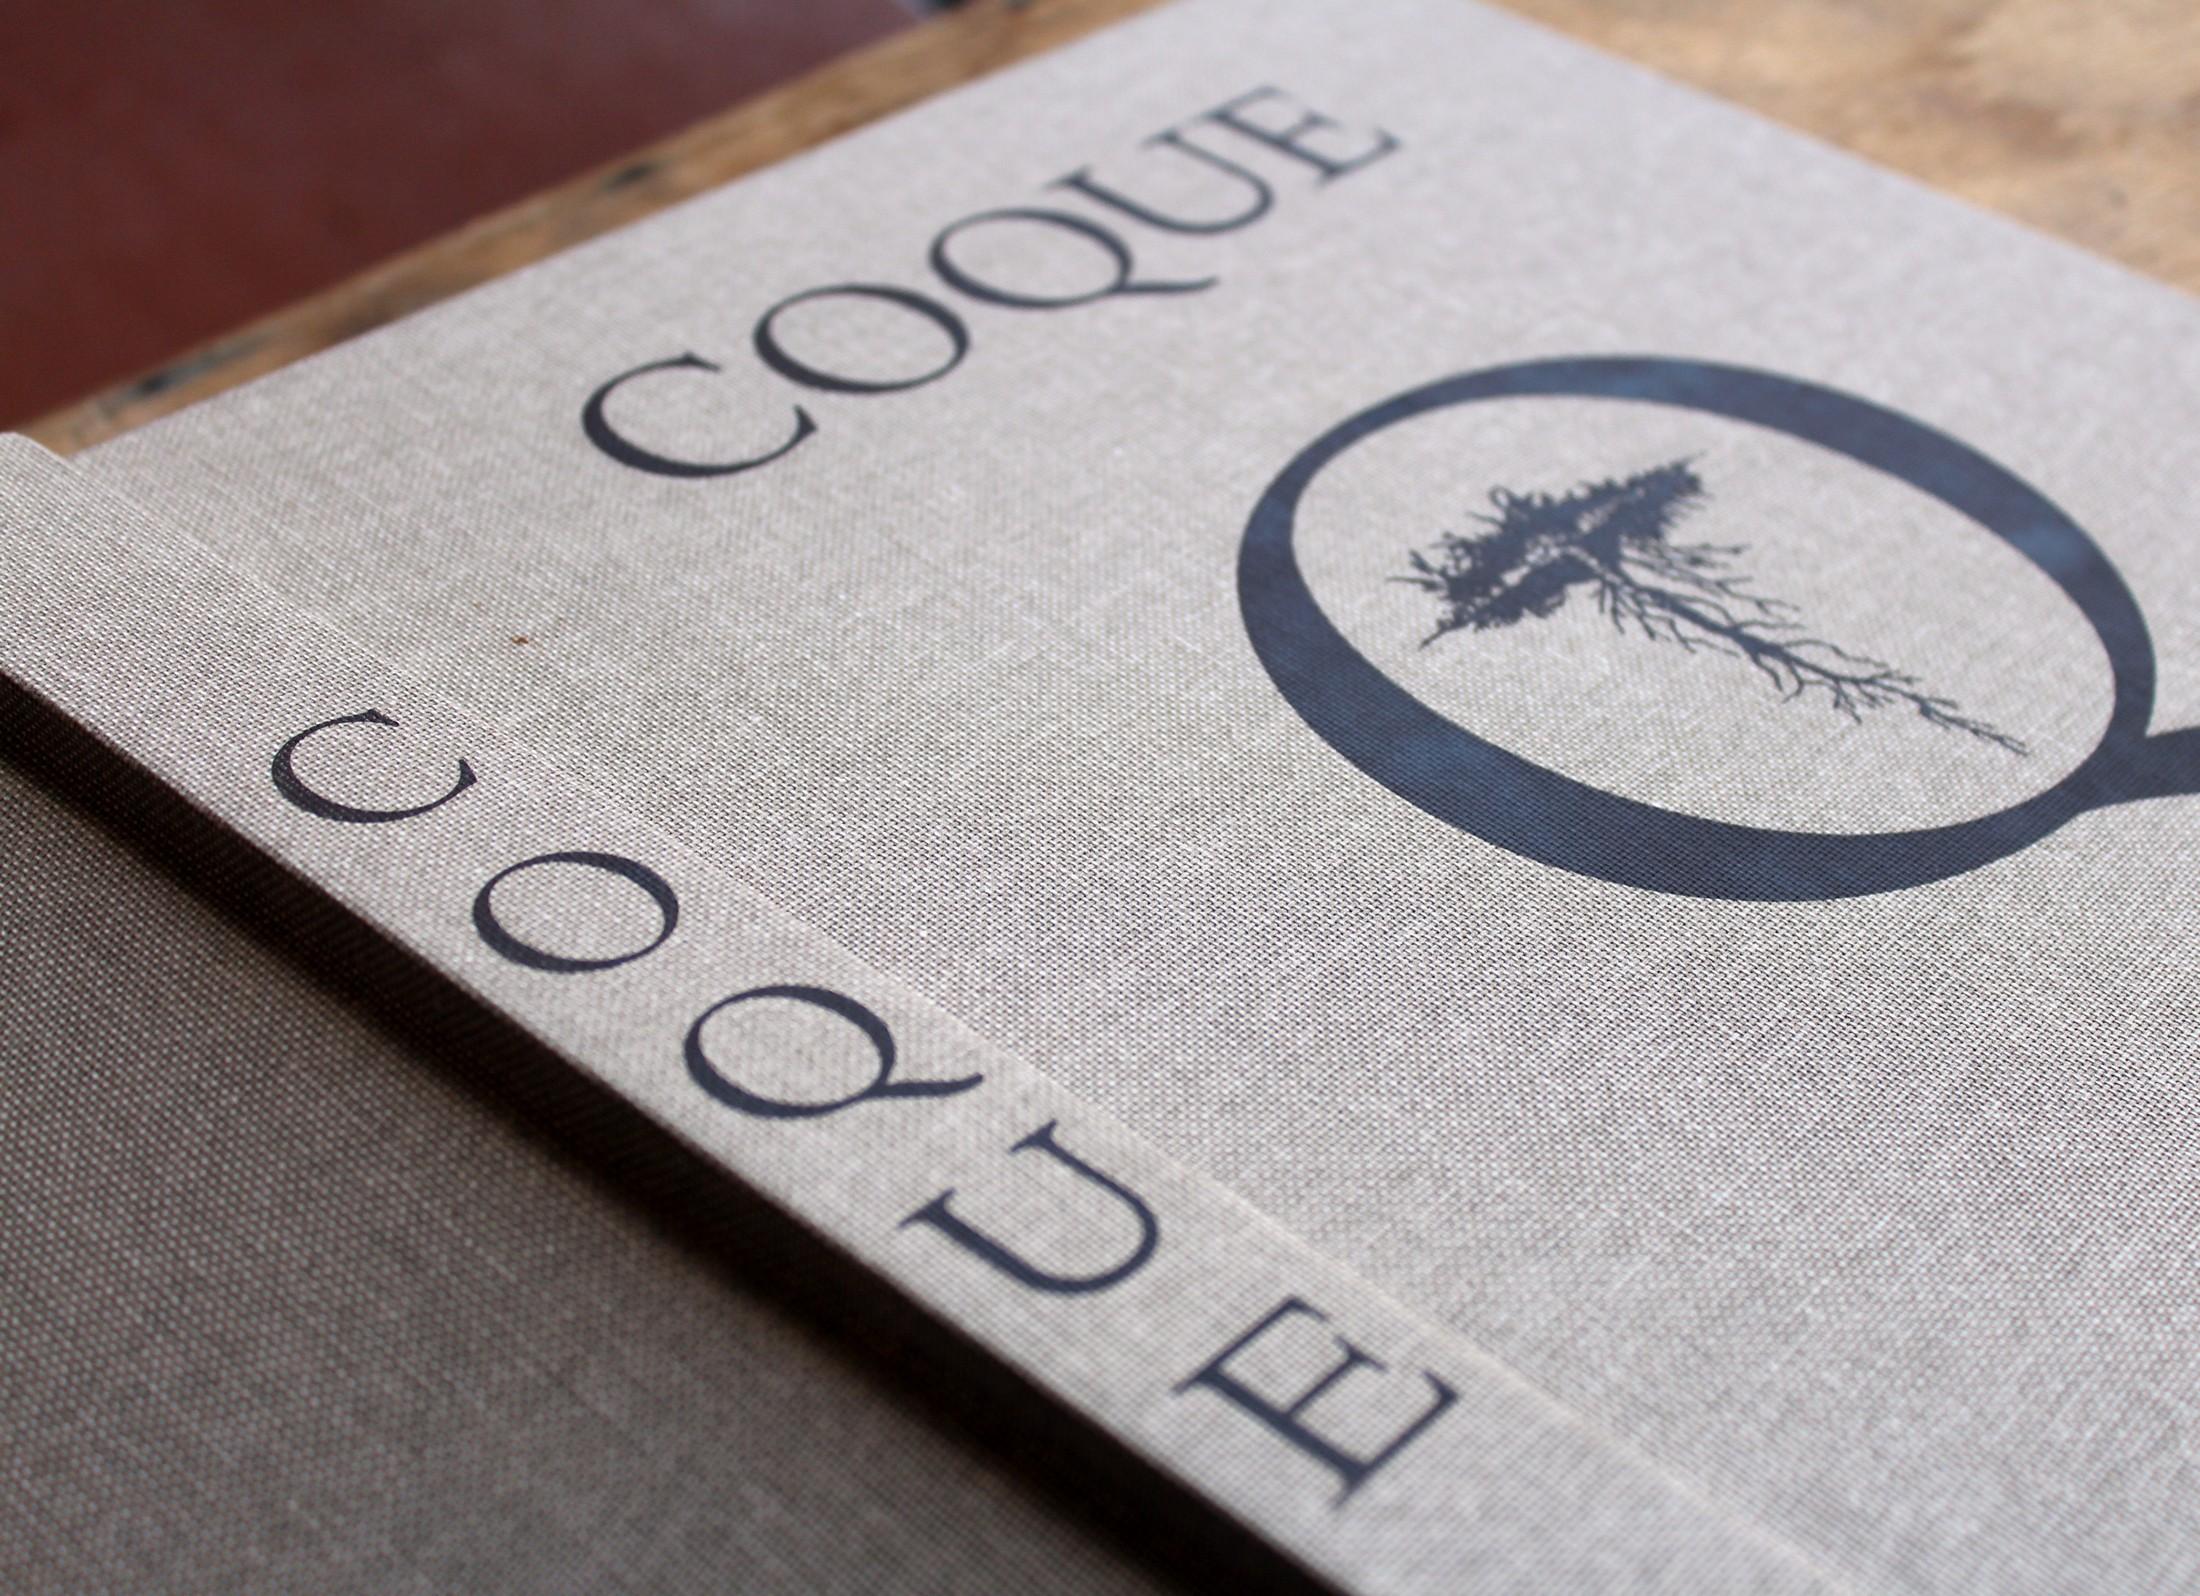 Libro Restaurante Coque, una historia que contar